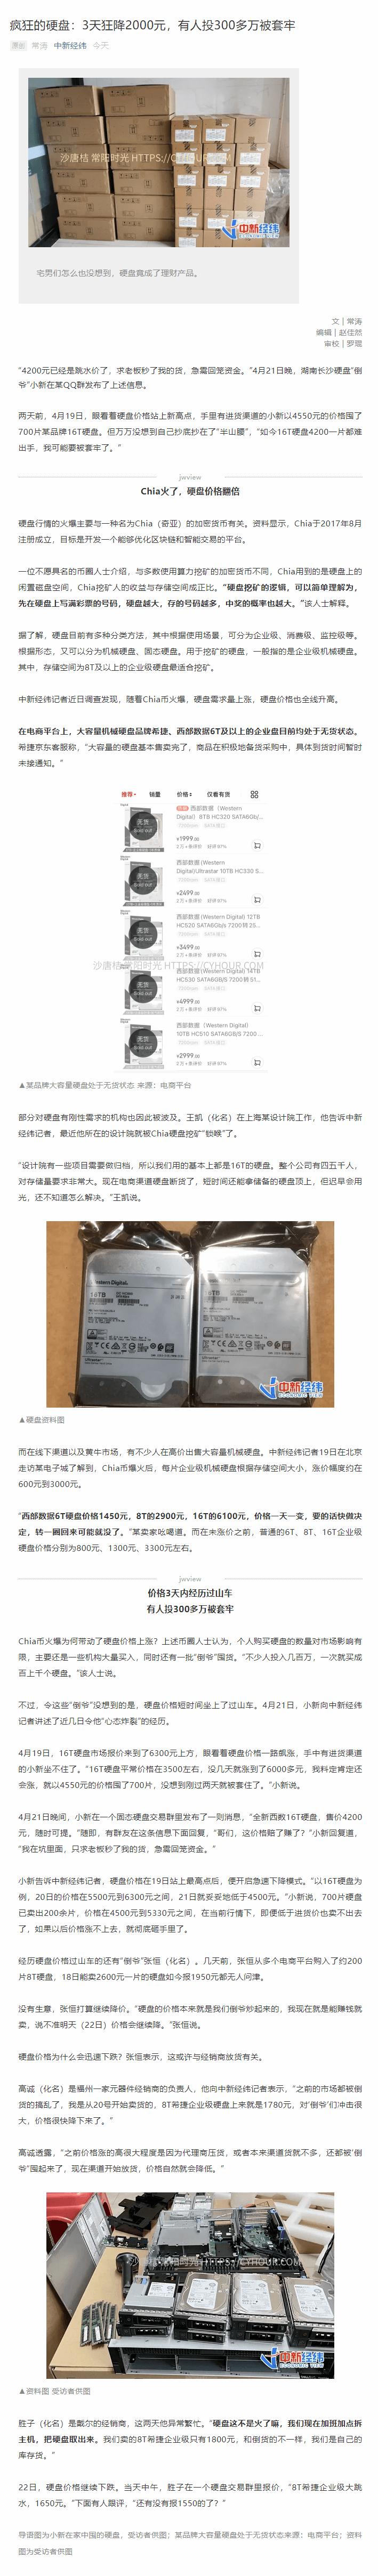 目前还能买到的大容量Chia挖矿硬盘推荐 西部数据 14TB、16TB 希捷 8TB团购-垃圾站